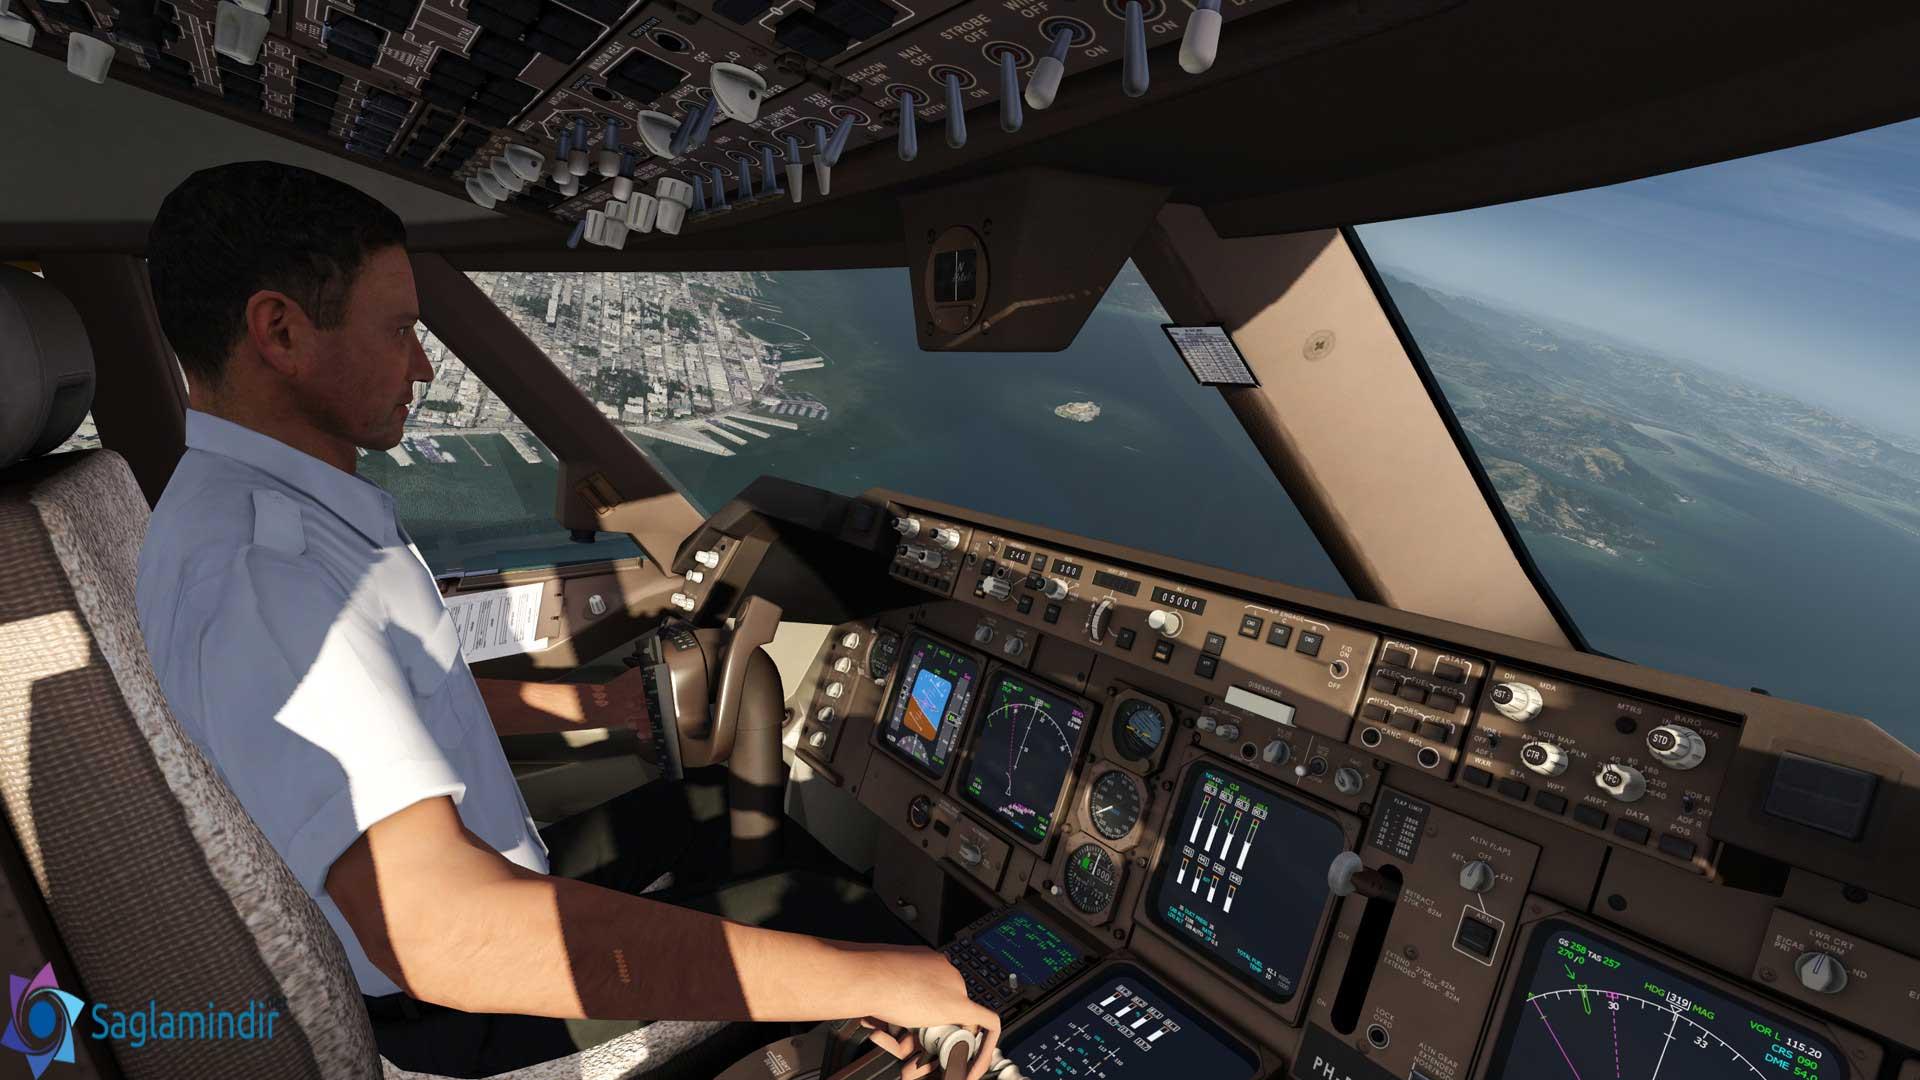 Aerofly FS 2 Flight Simulator saglamindir